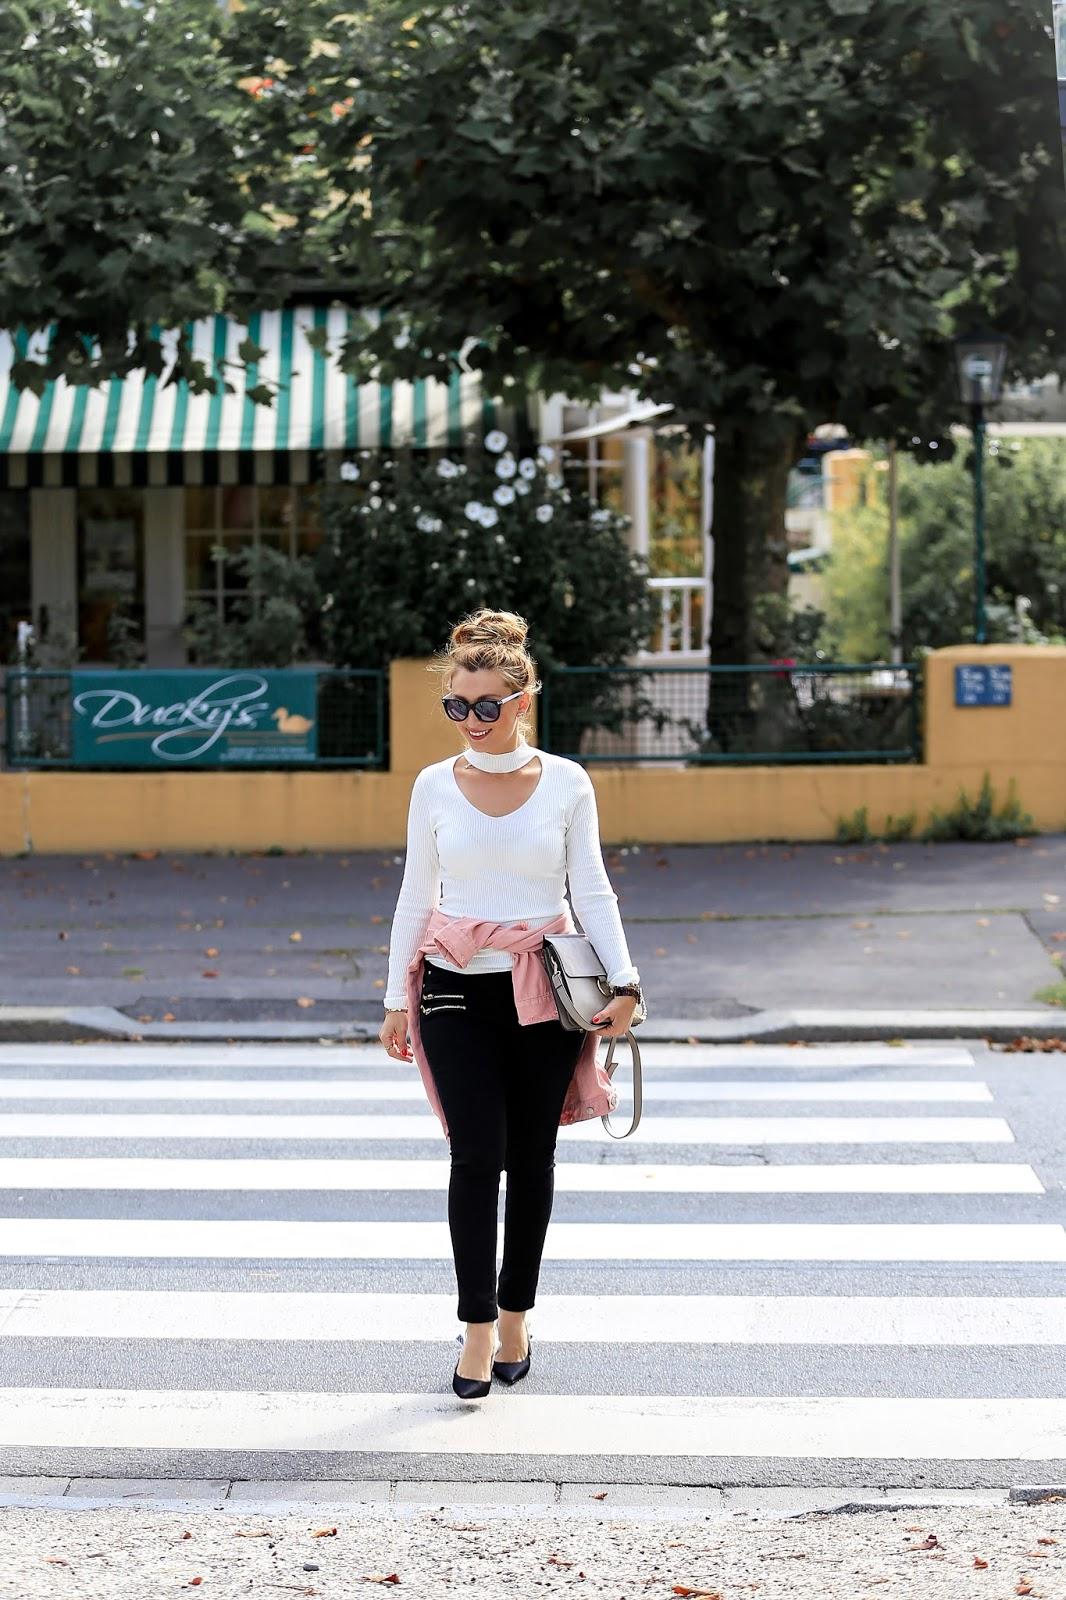 Fashionstylebyjohanna-Winterstyle-Frühlingslook-Fashionblogger-aus-frankfurt-bloggerstyle-weißer-pullover-Jadior-pumps-pumps-von-christian-dior-celine-lookalike-chloe-tasche-blogger-haarstyle-hochsteckfrisur